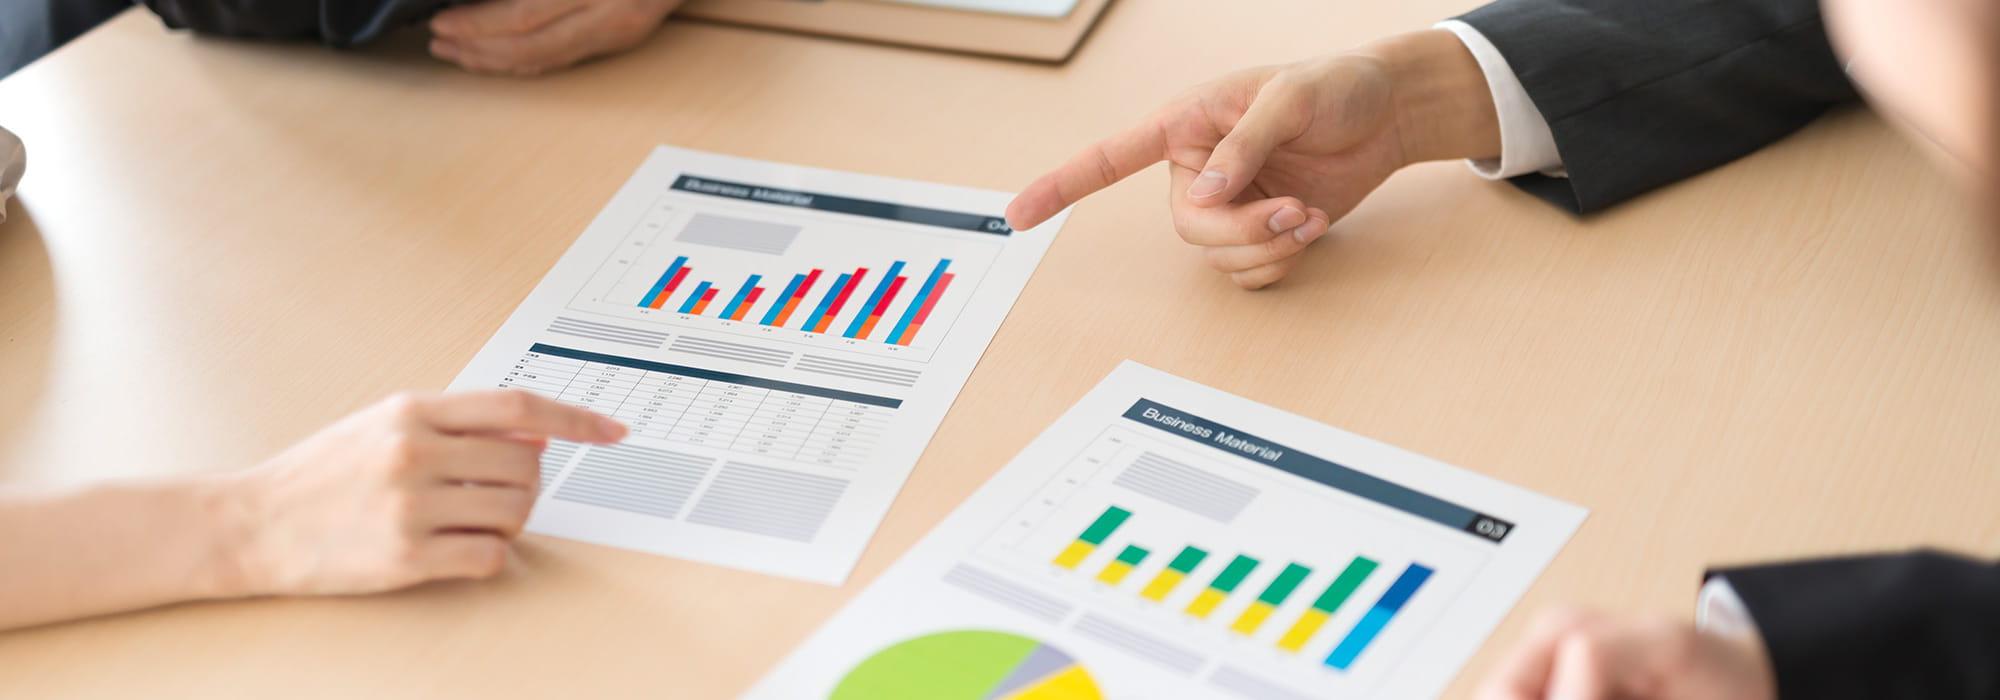 人事評価制度と賃金設計を学ぶ士業と人事担当者のための教育講座